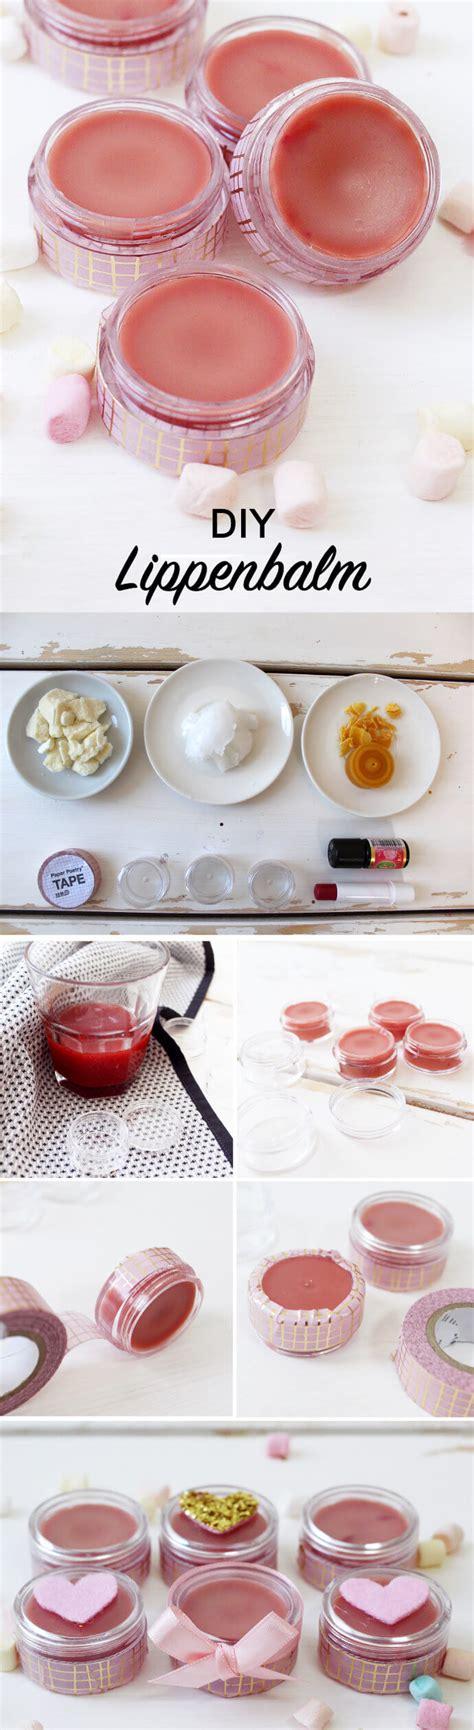 lippenbalsam selber machen kokosöl diy lippenbalsam aus sheabutter selber machen tolle geschenkidee